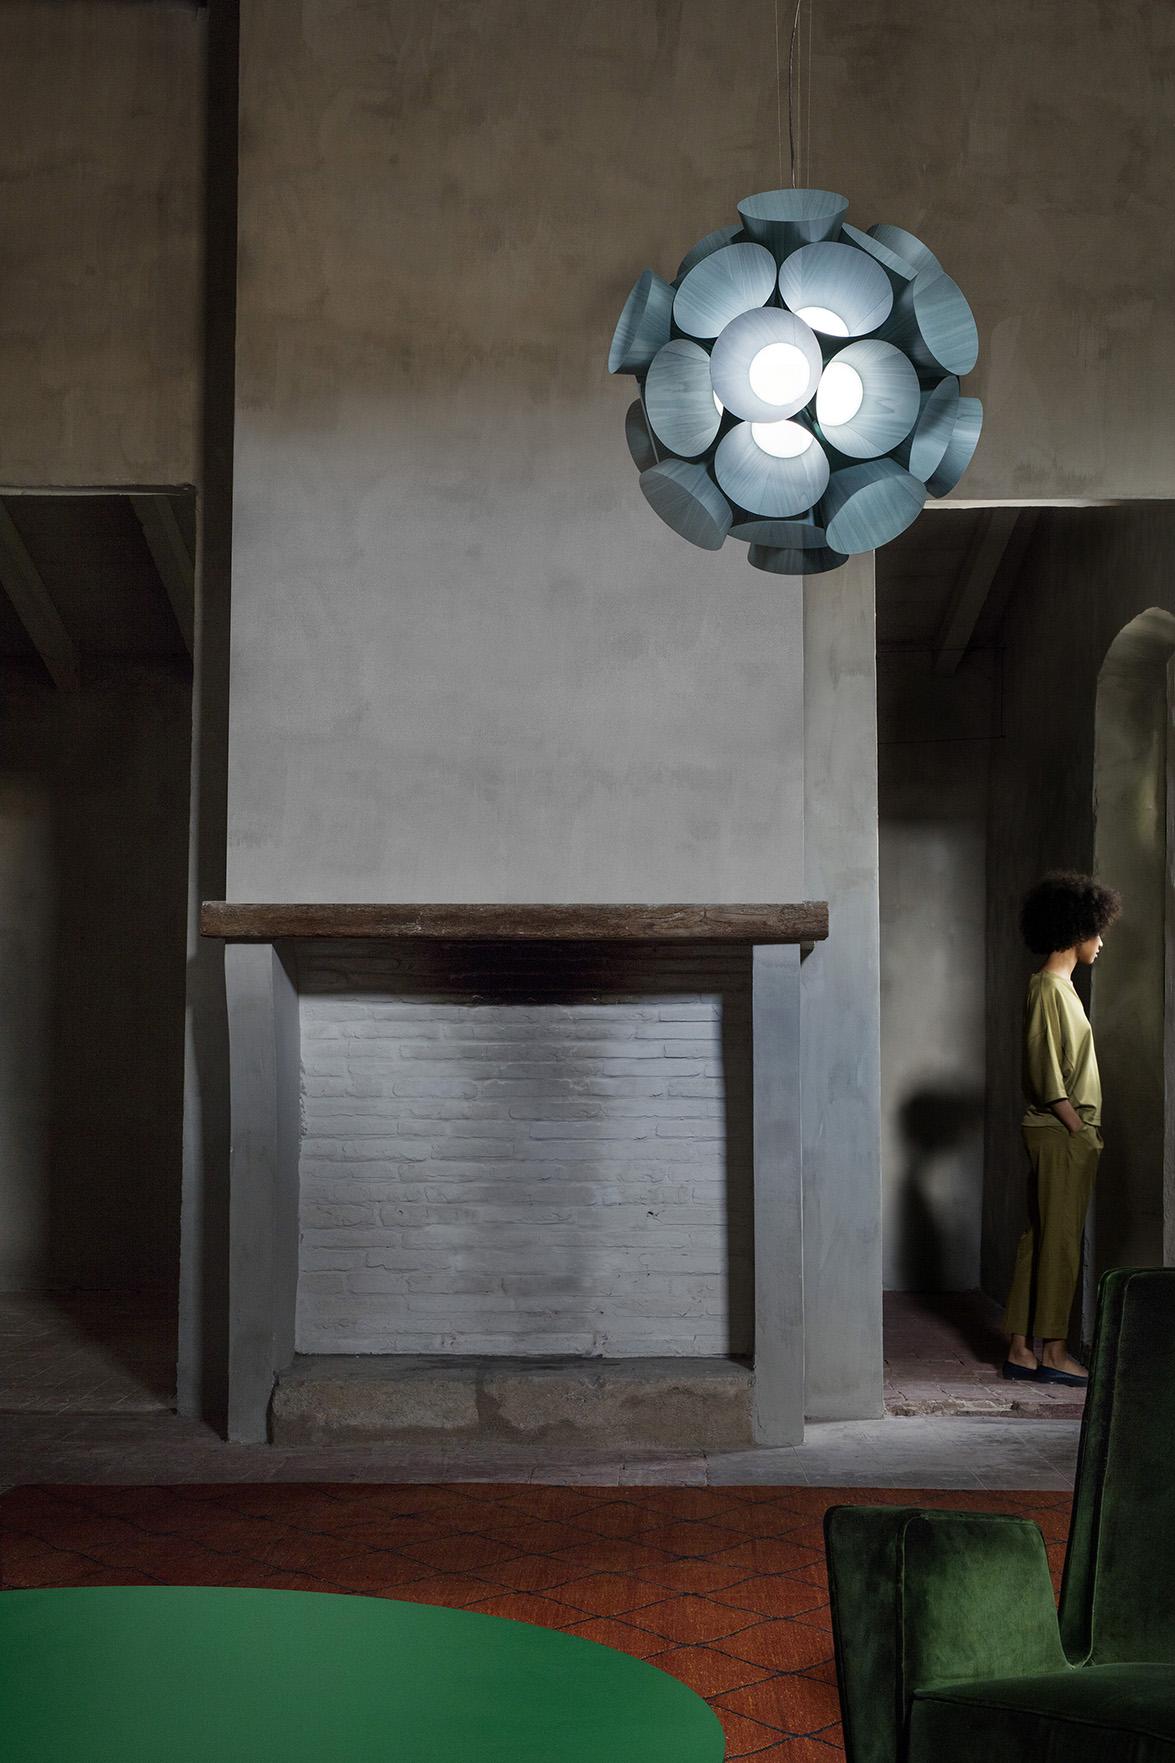 lzf_lamps_klunderbie_photos_dandelion_pendant_lamp_11